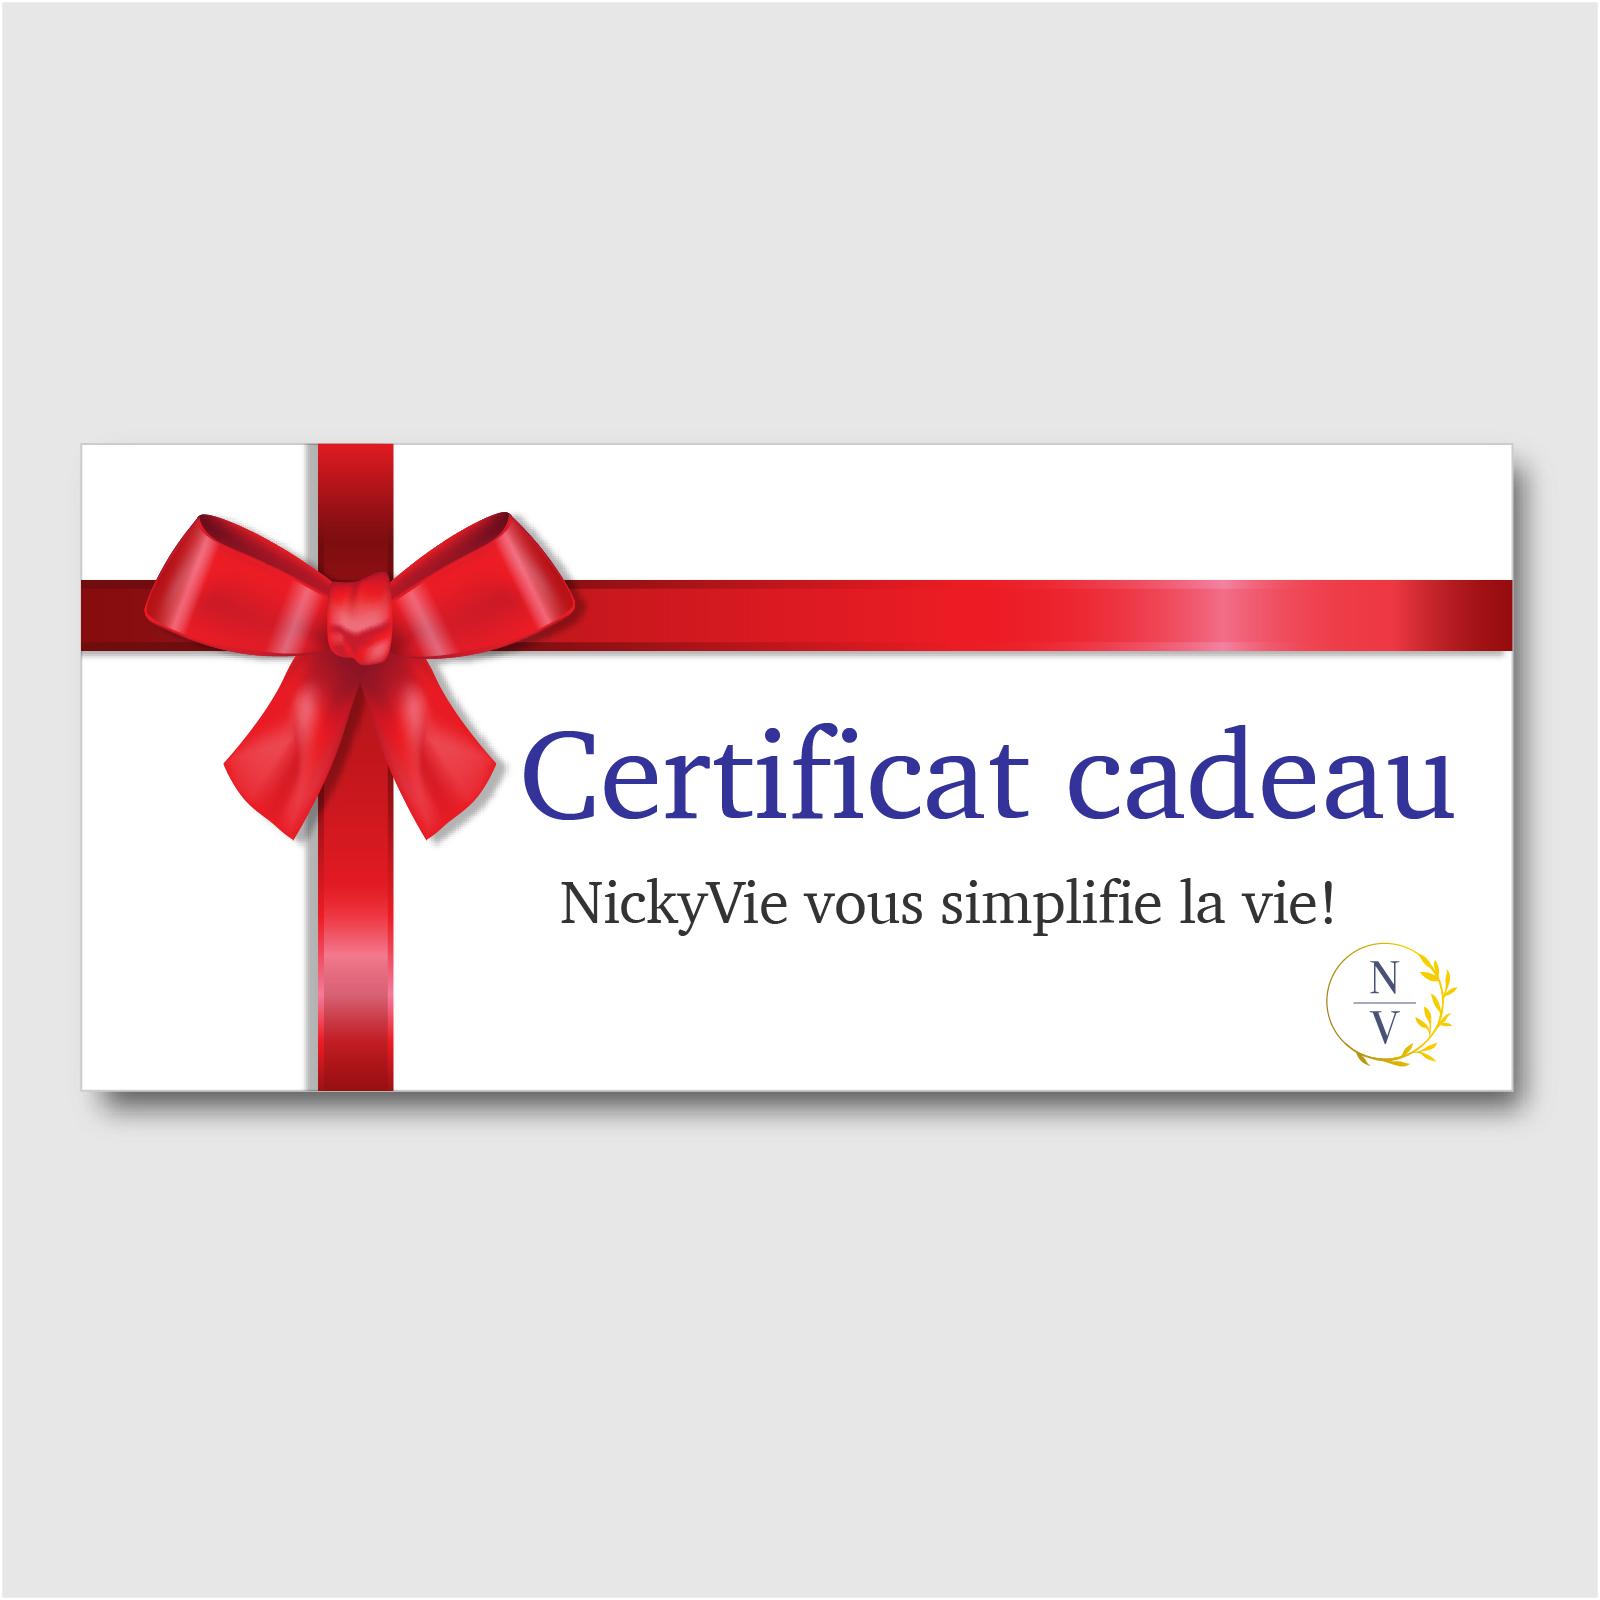 Certificat cadeau pour des services de magasinage personnalisé